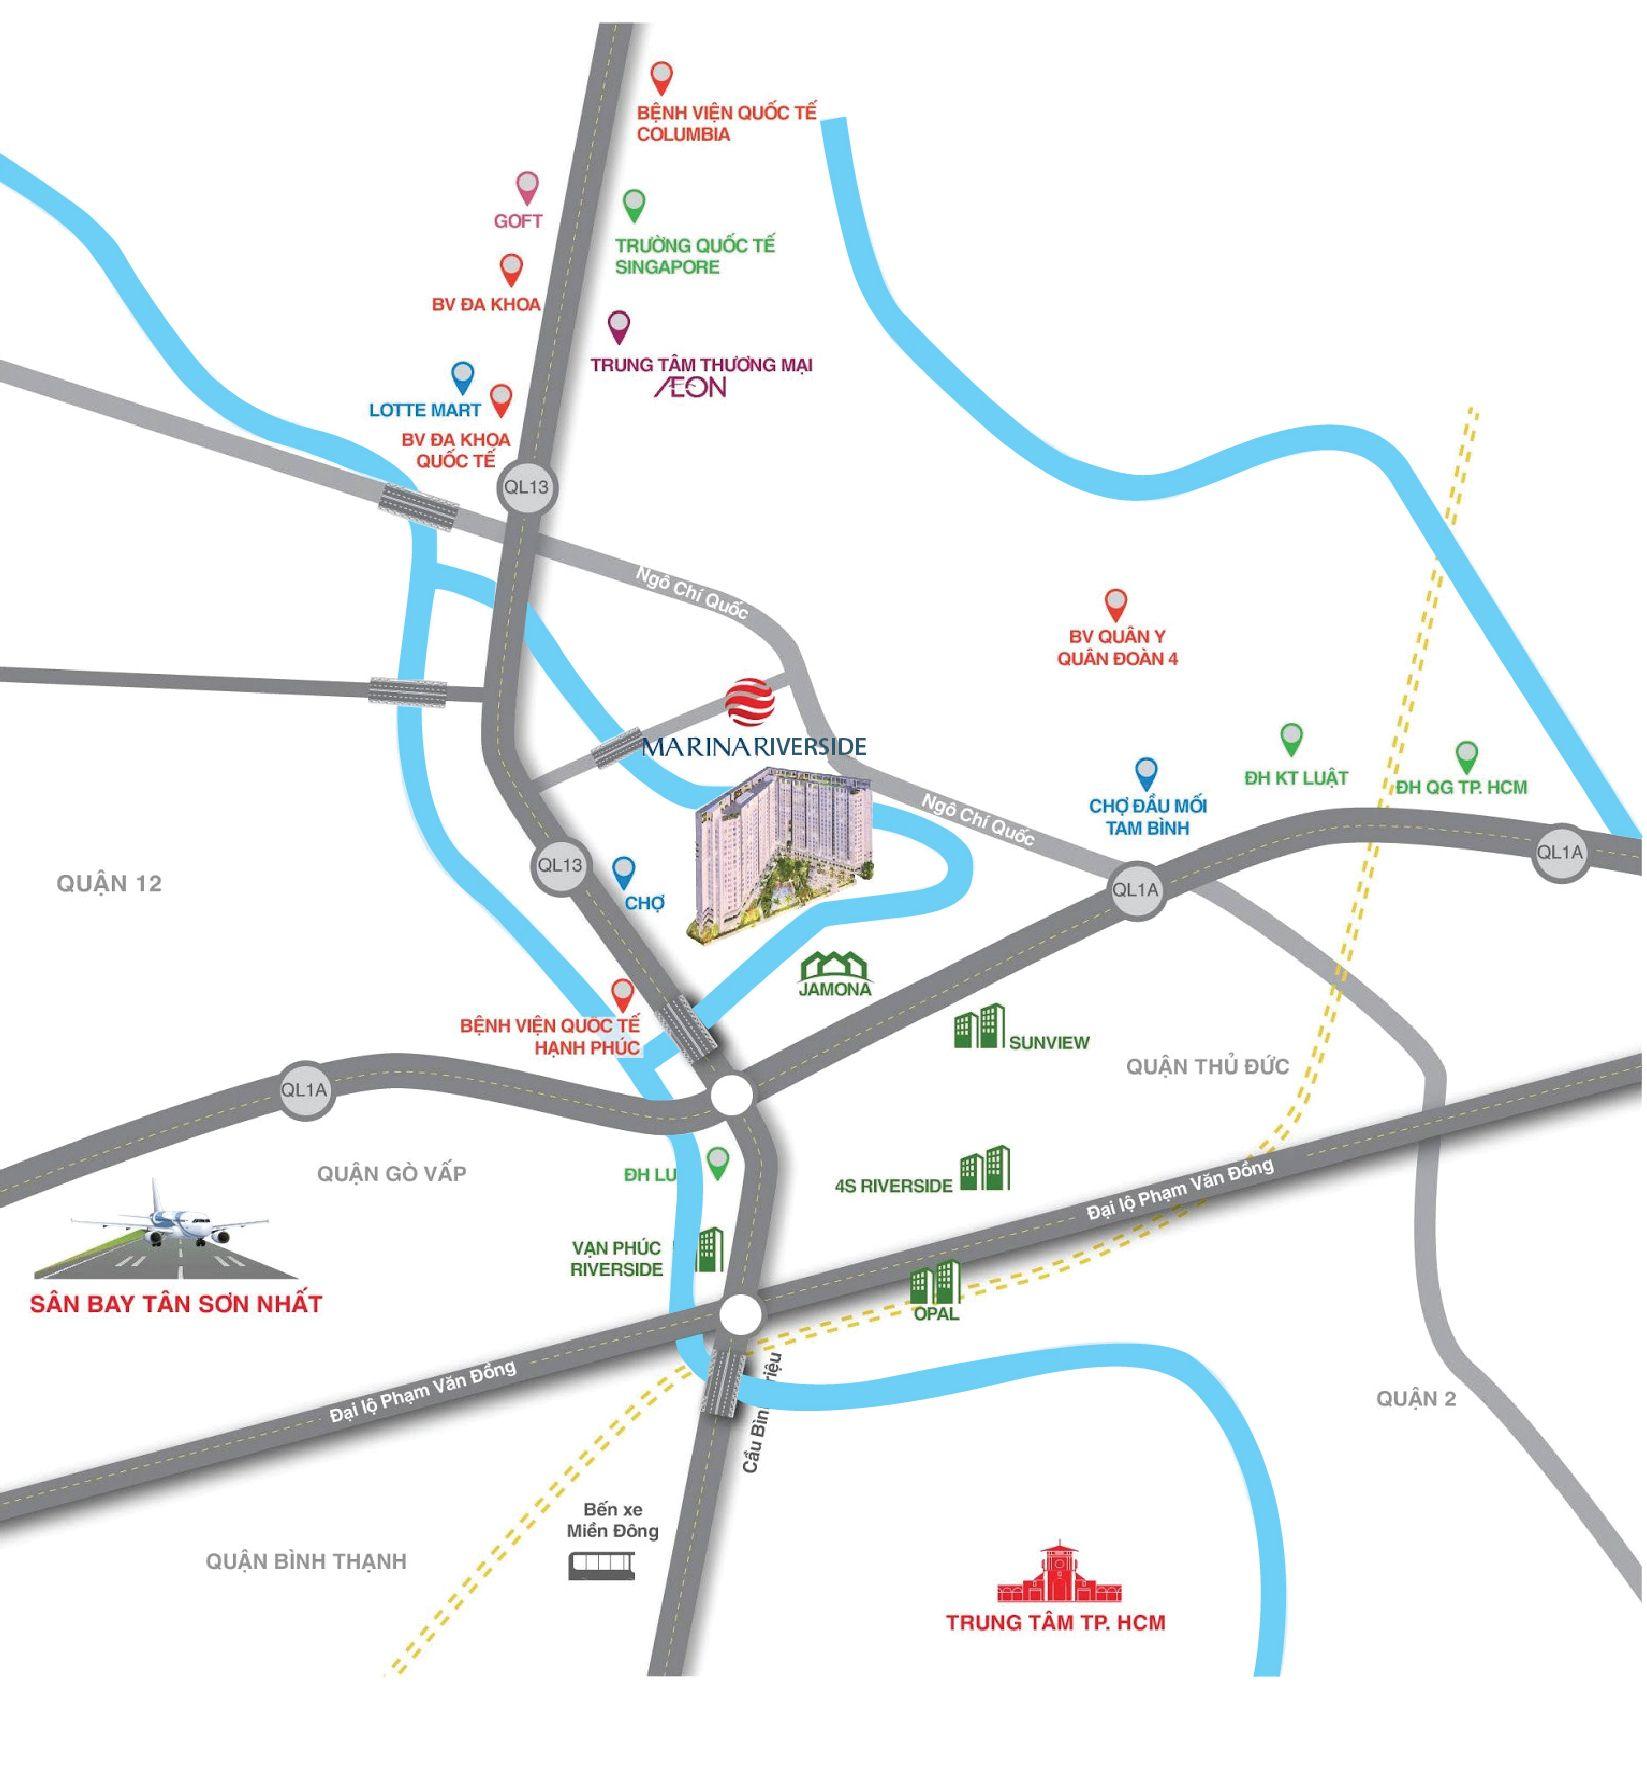 Khu dân cư hướng Bắc Sài Gòn dễ dàng liên kết về trung tâm thành phố sẽ thu hút rất nhiều người.